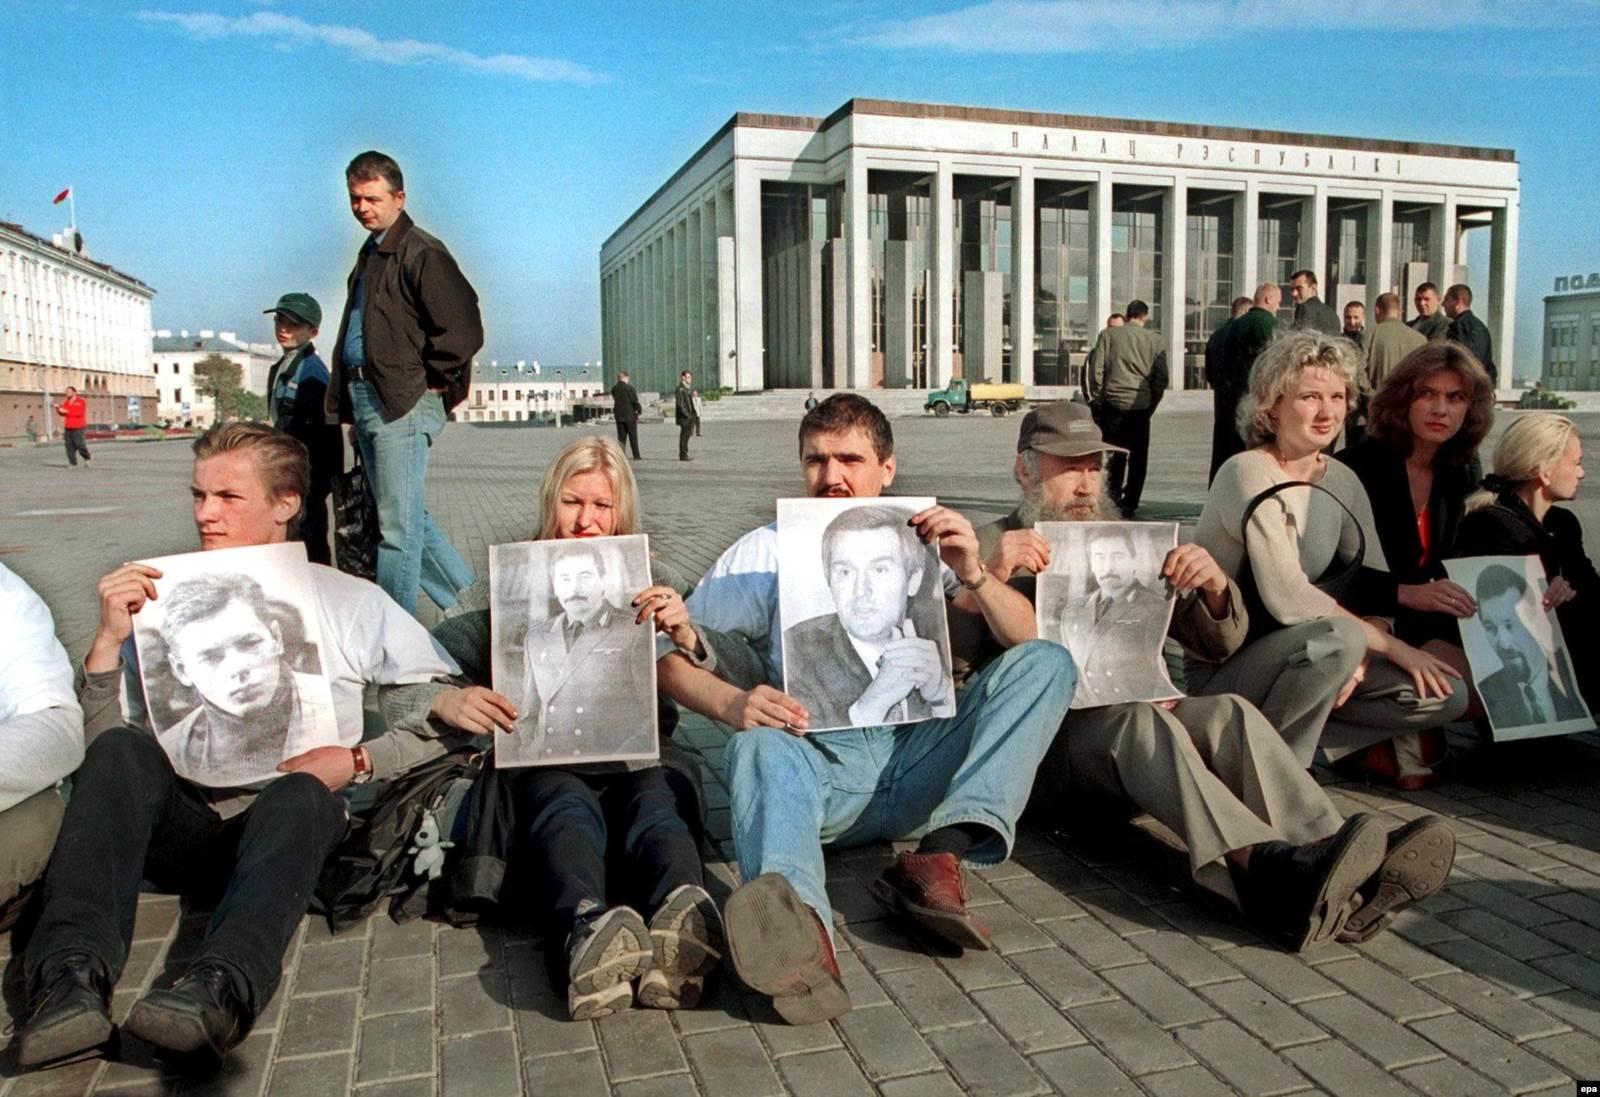 Участники белорусских оппозиционных движений на центральной площади Минска с портретами пропавших противников президента Александра Лукашенко. 4 сентября 2001 года. Фото: EPA